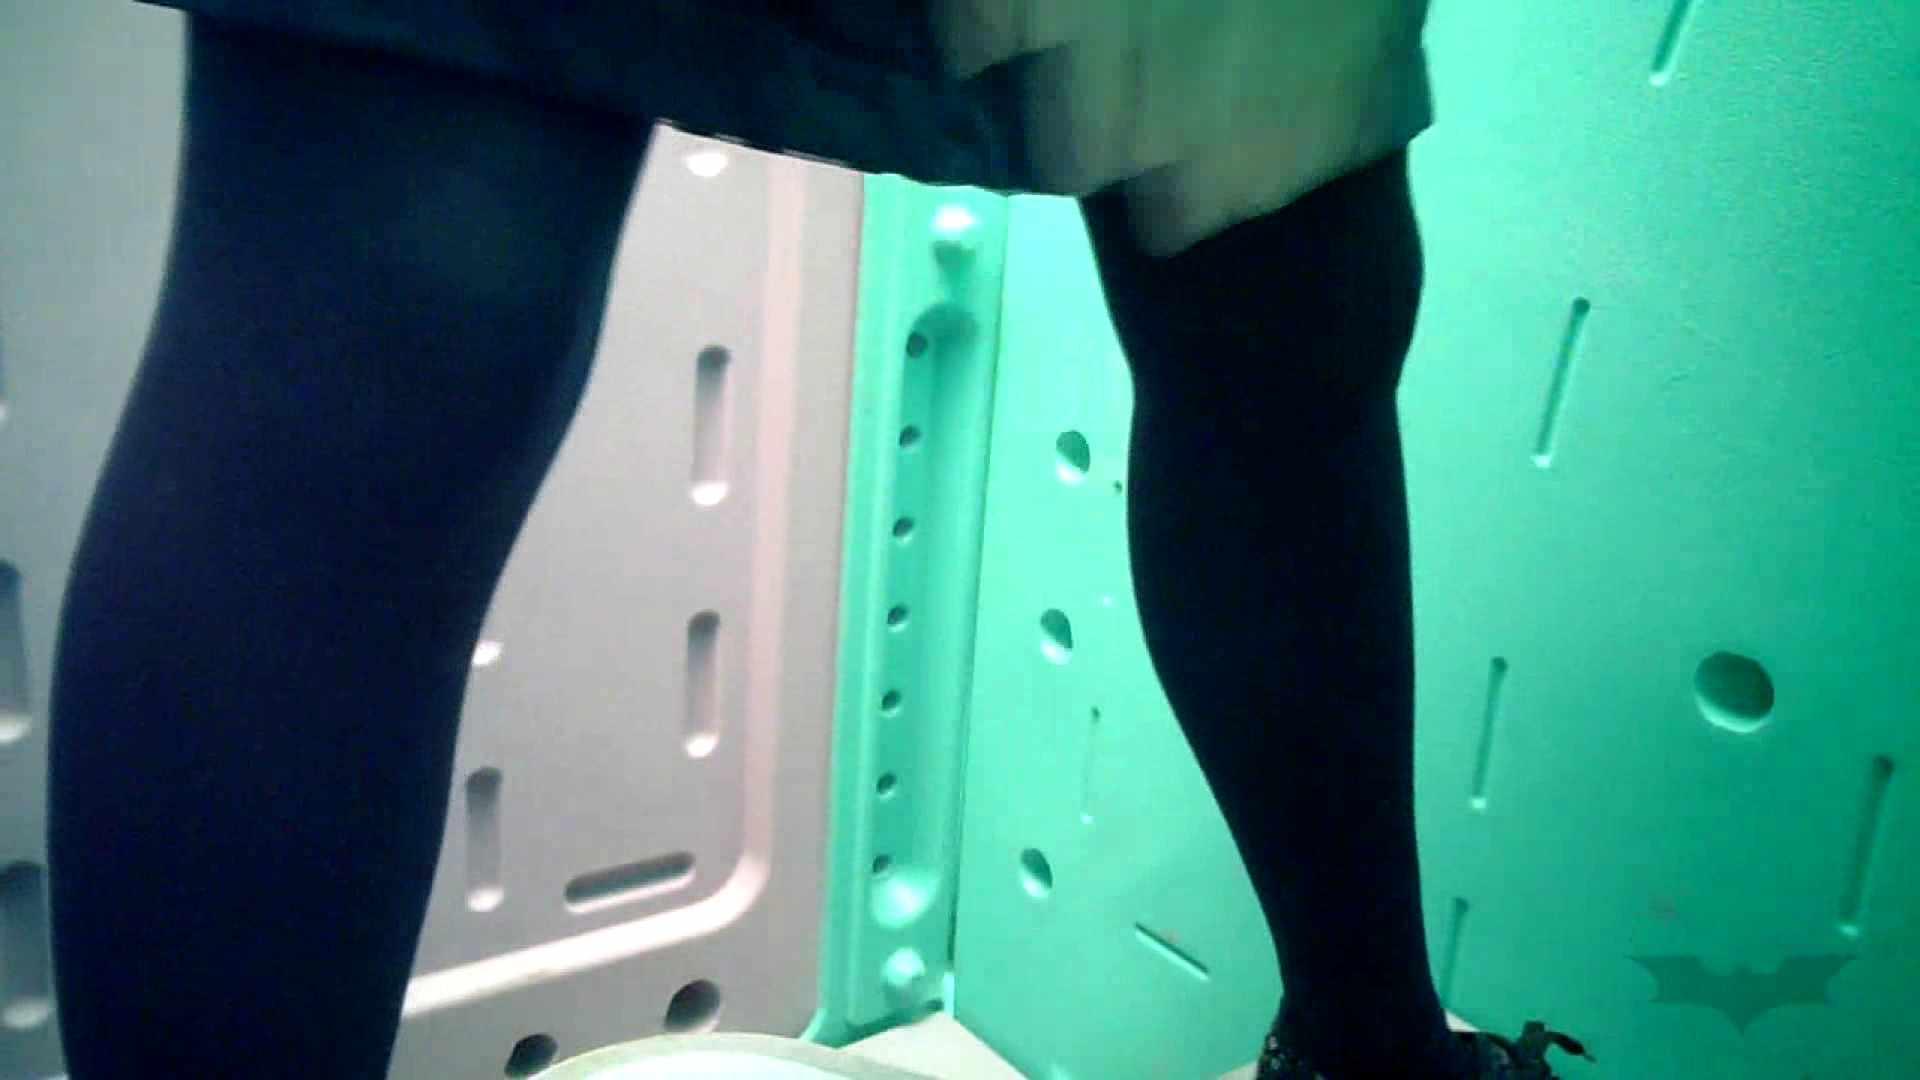 痴態洗面所 Vol.06 中が「マジヤバいヨネ!」洗面所 エッチすぎるOL達  58連発 6